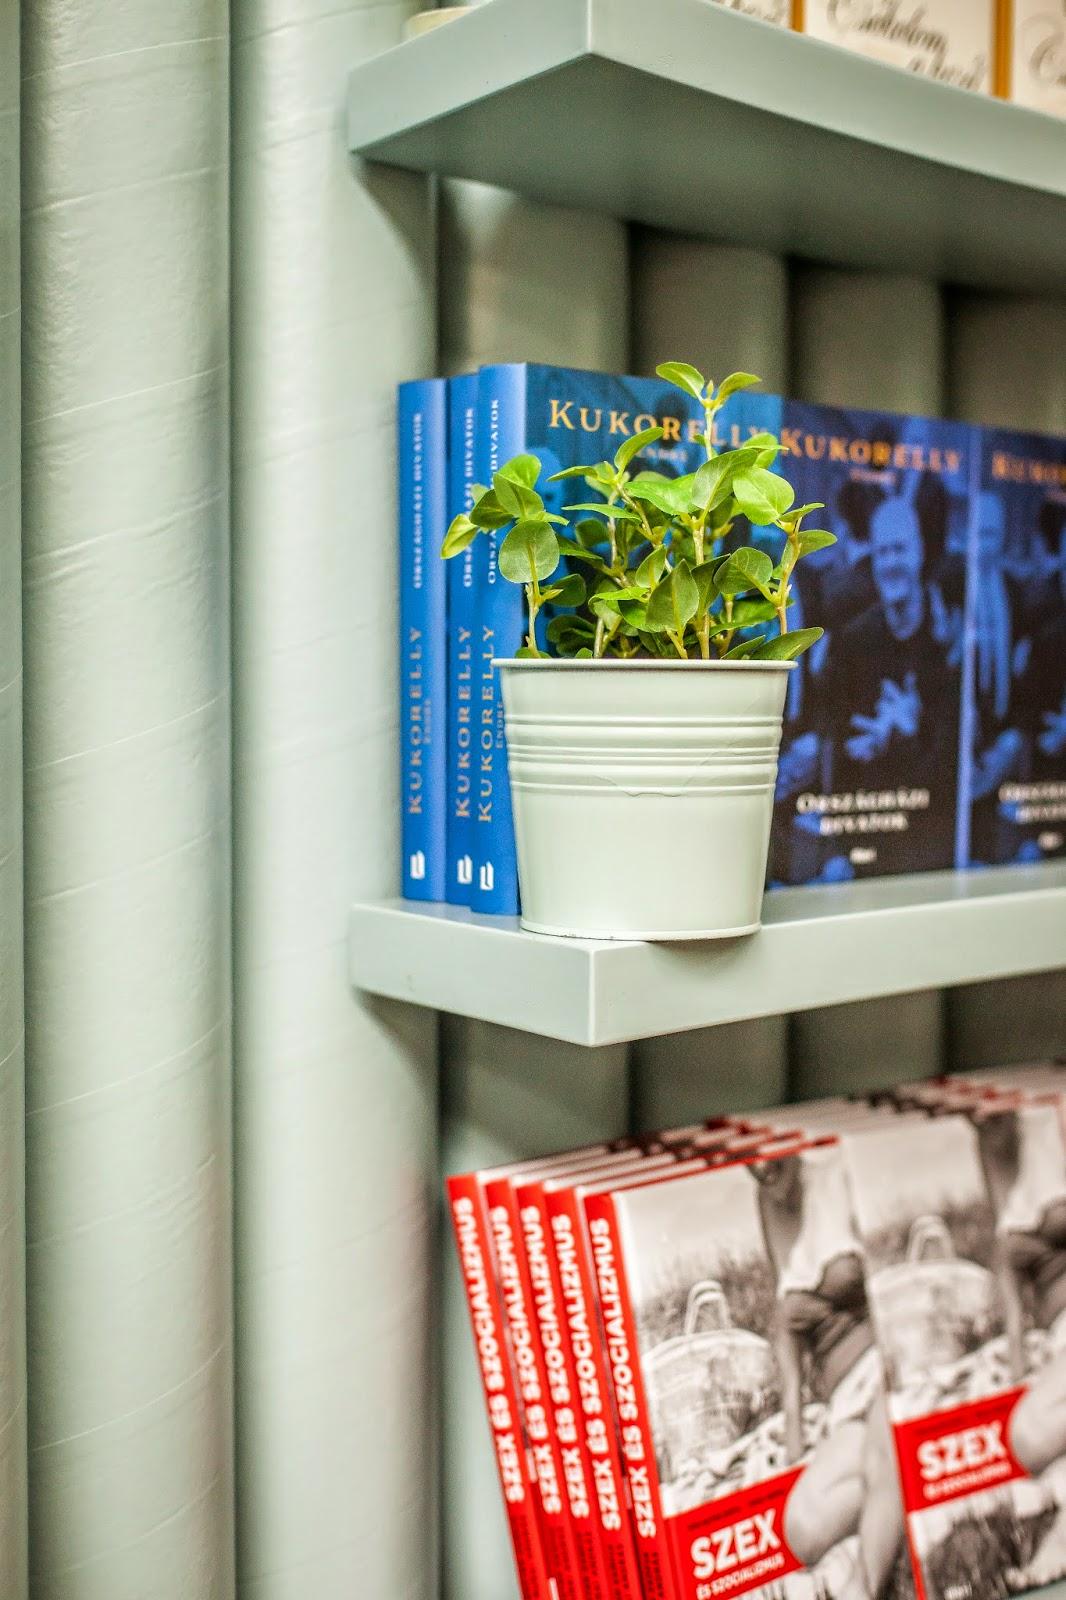 Libri stand Nemzetközi  Könyvfesztivál 2014